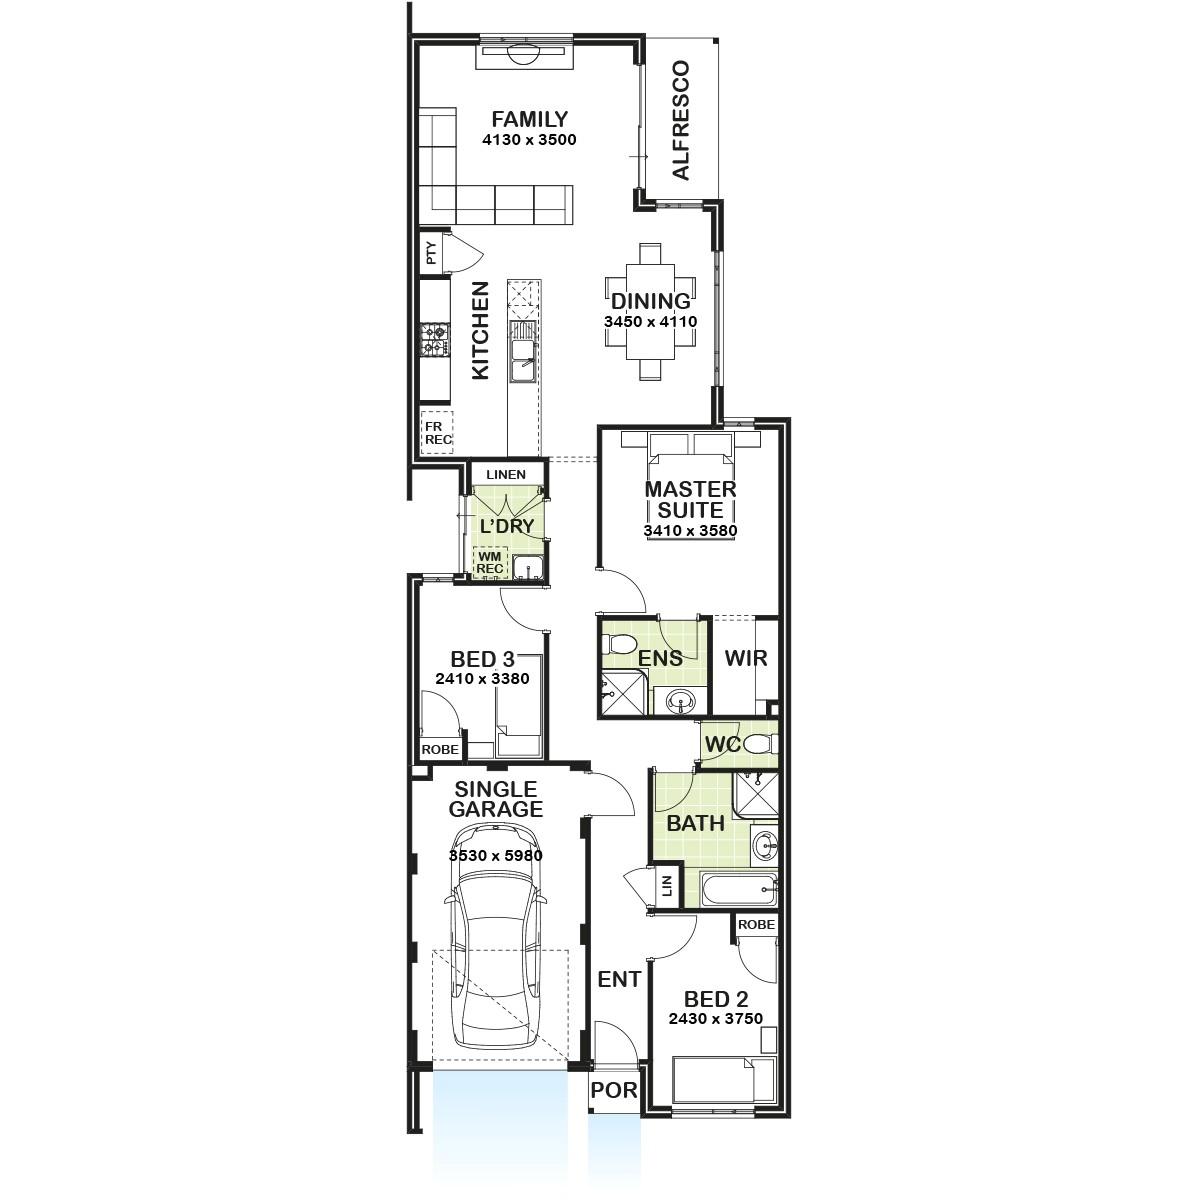 Atlantis Homes Floor Plans atlantis Floor Plan Gemmill Homes